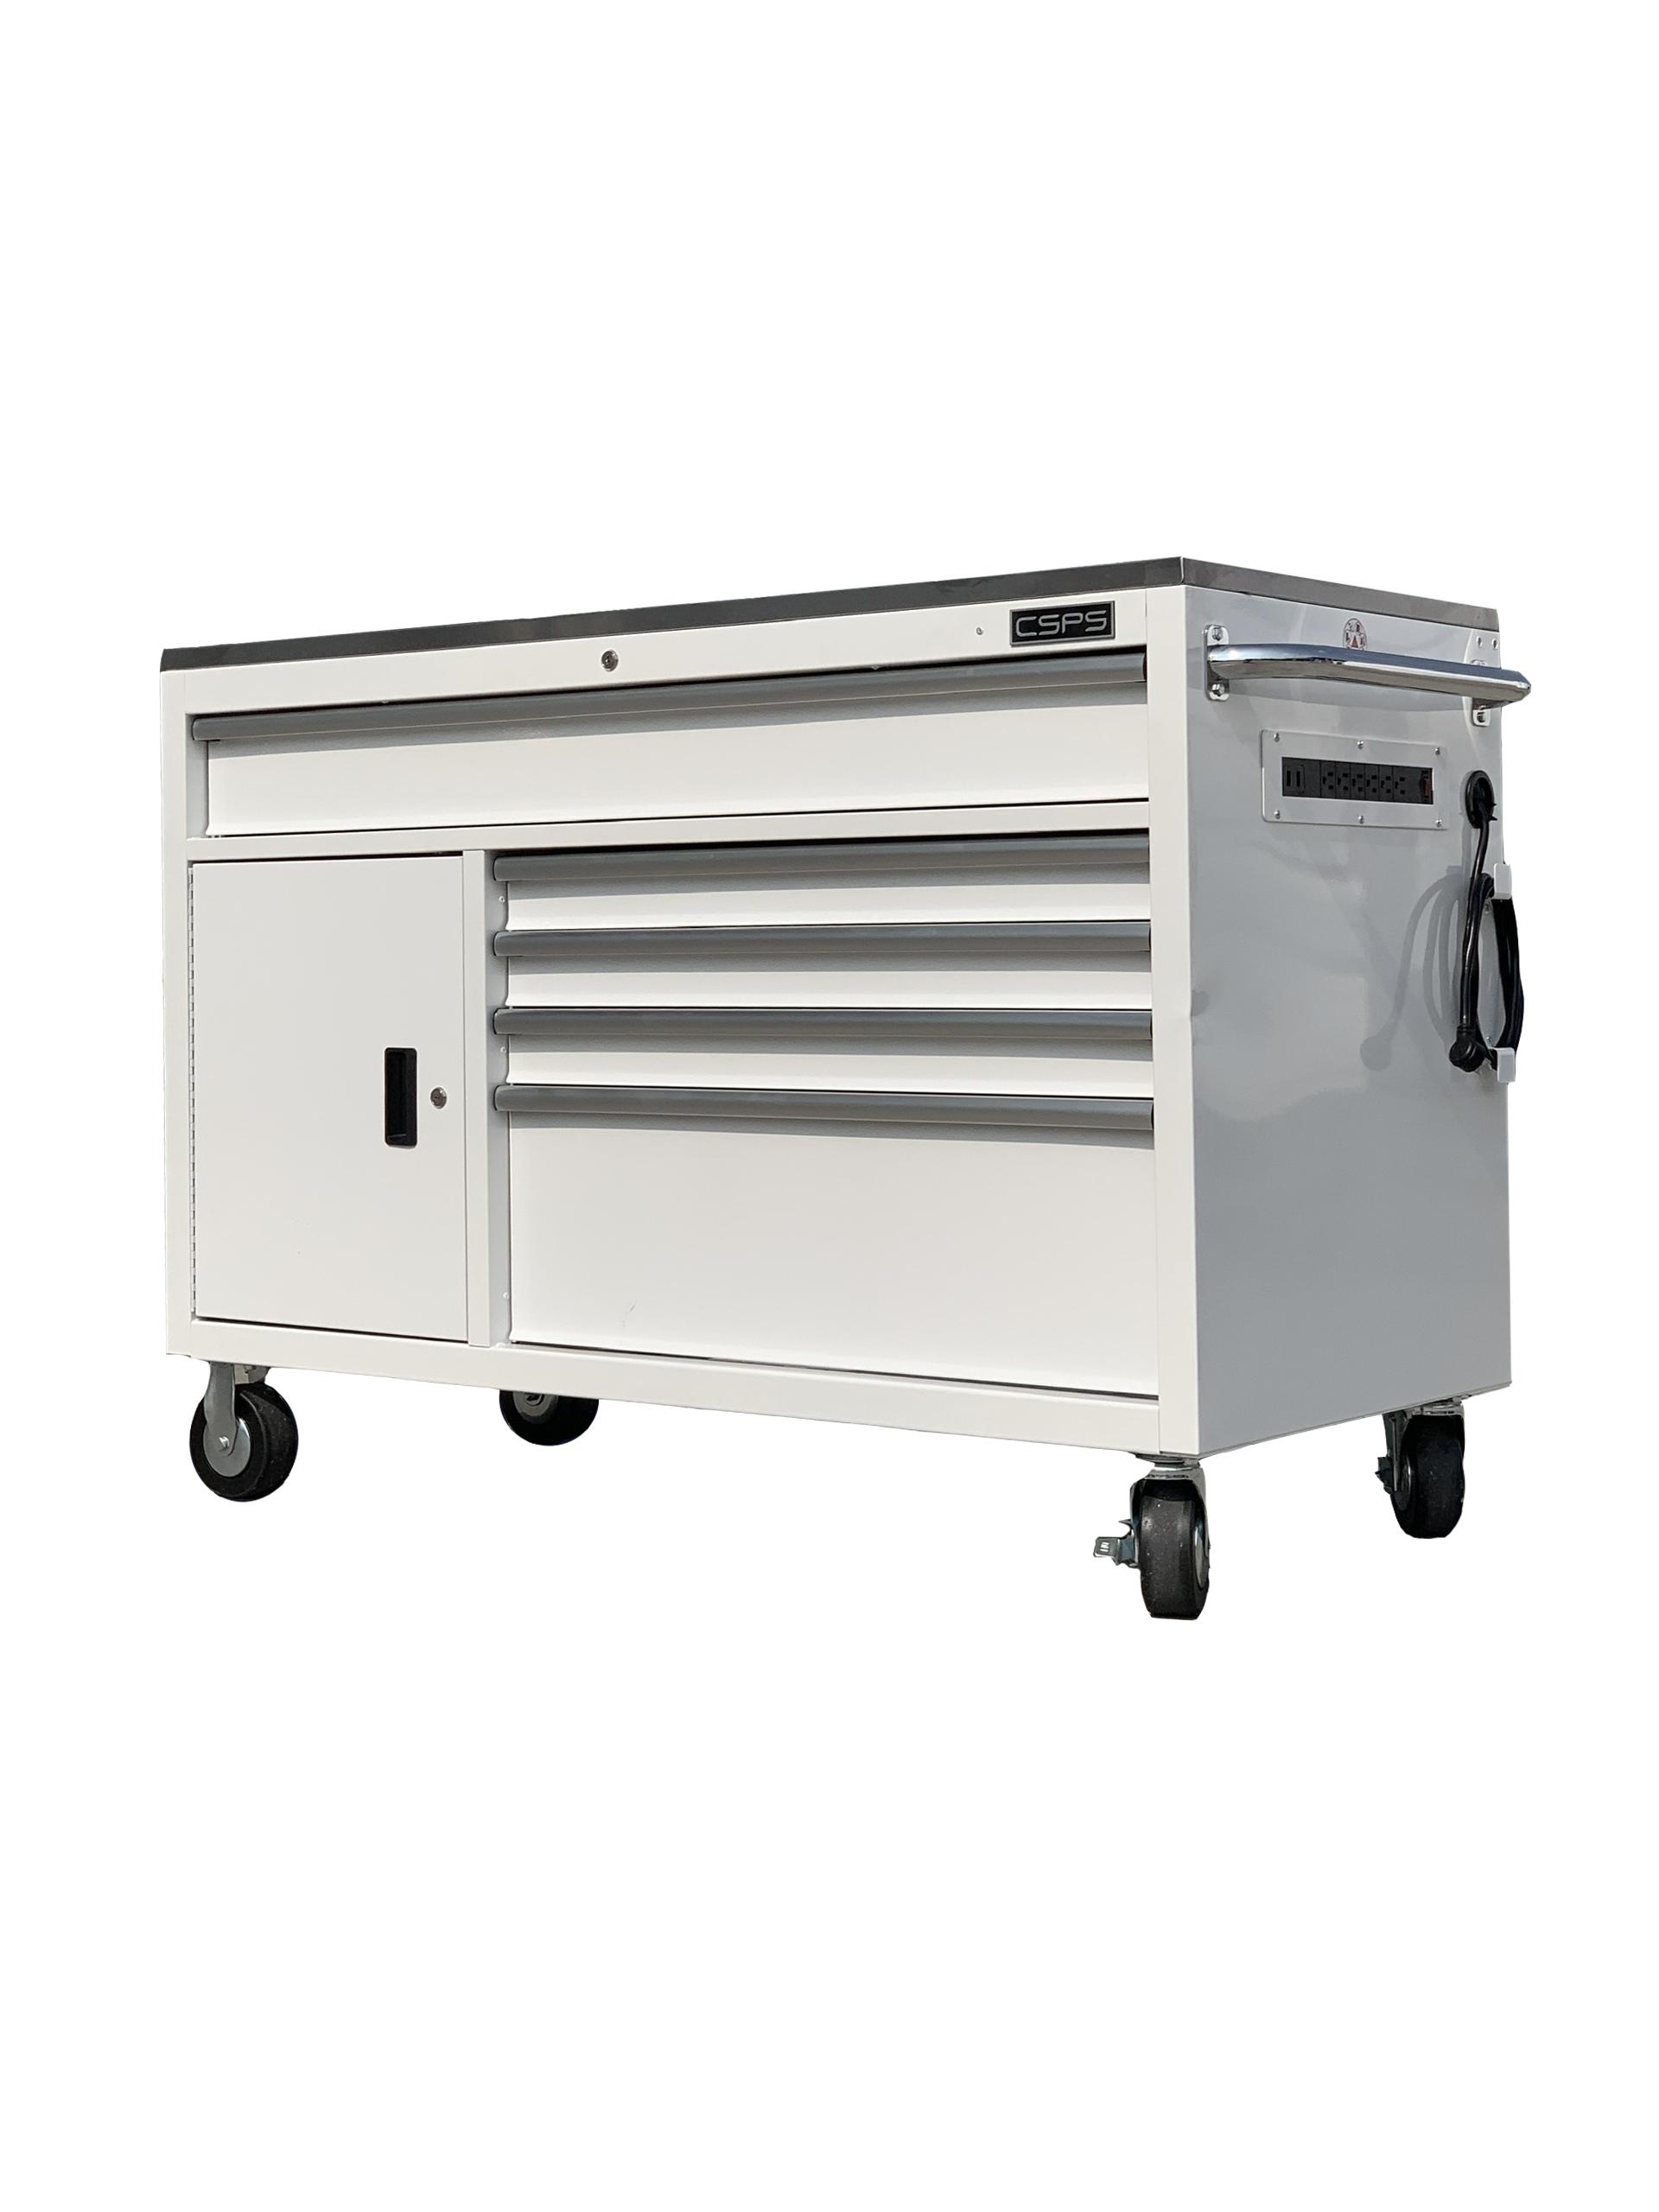 Tủ dụng cụ đồ nghề CSPS 132cm - 05 hộc kéo màu trắng